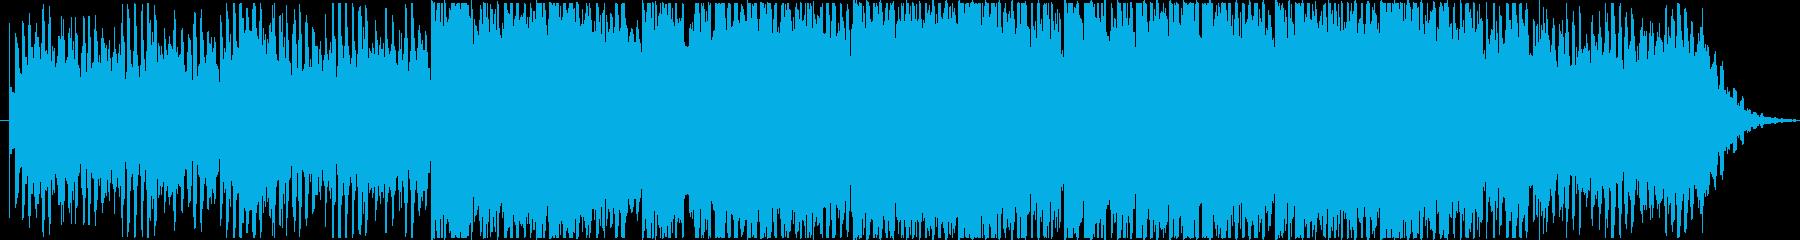 雫~大河への変化を感じる曲(short)の再生済みの波形